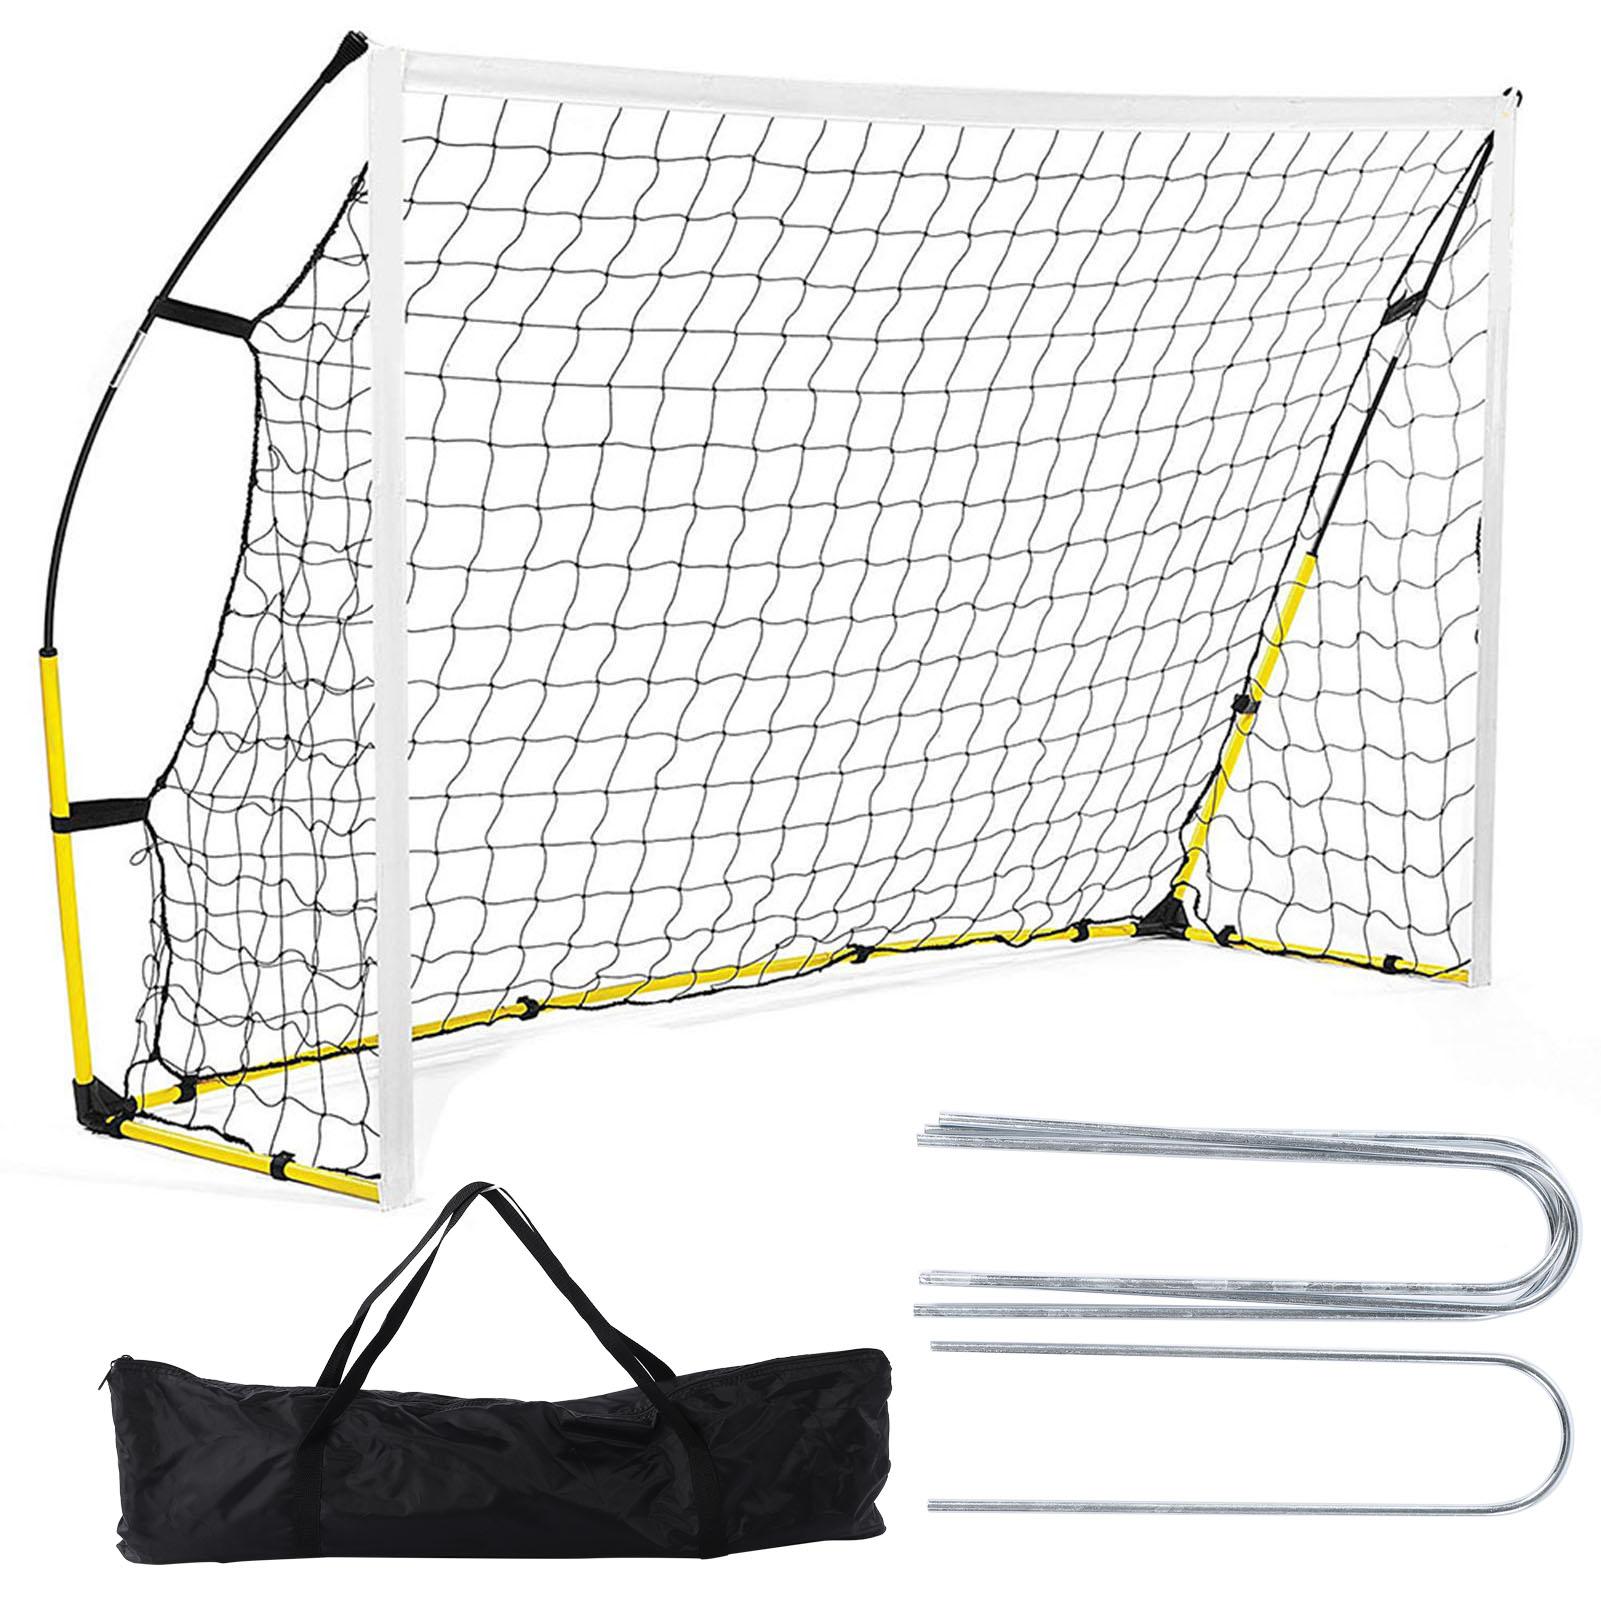 6x4//8x5//12x6ft Football Soccer Goal Post Net For Outdoor Football Match Training